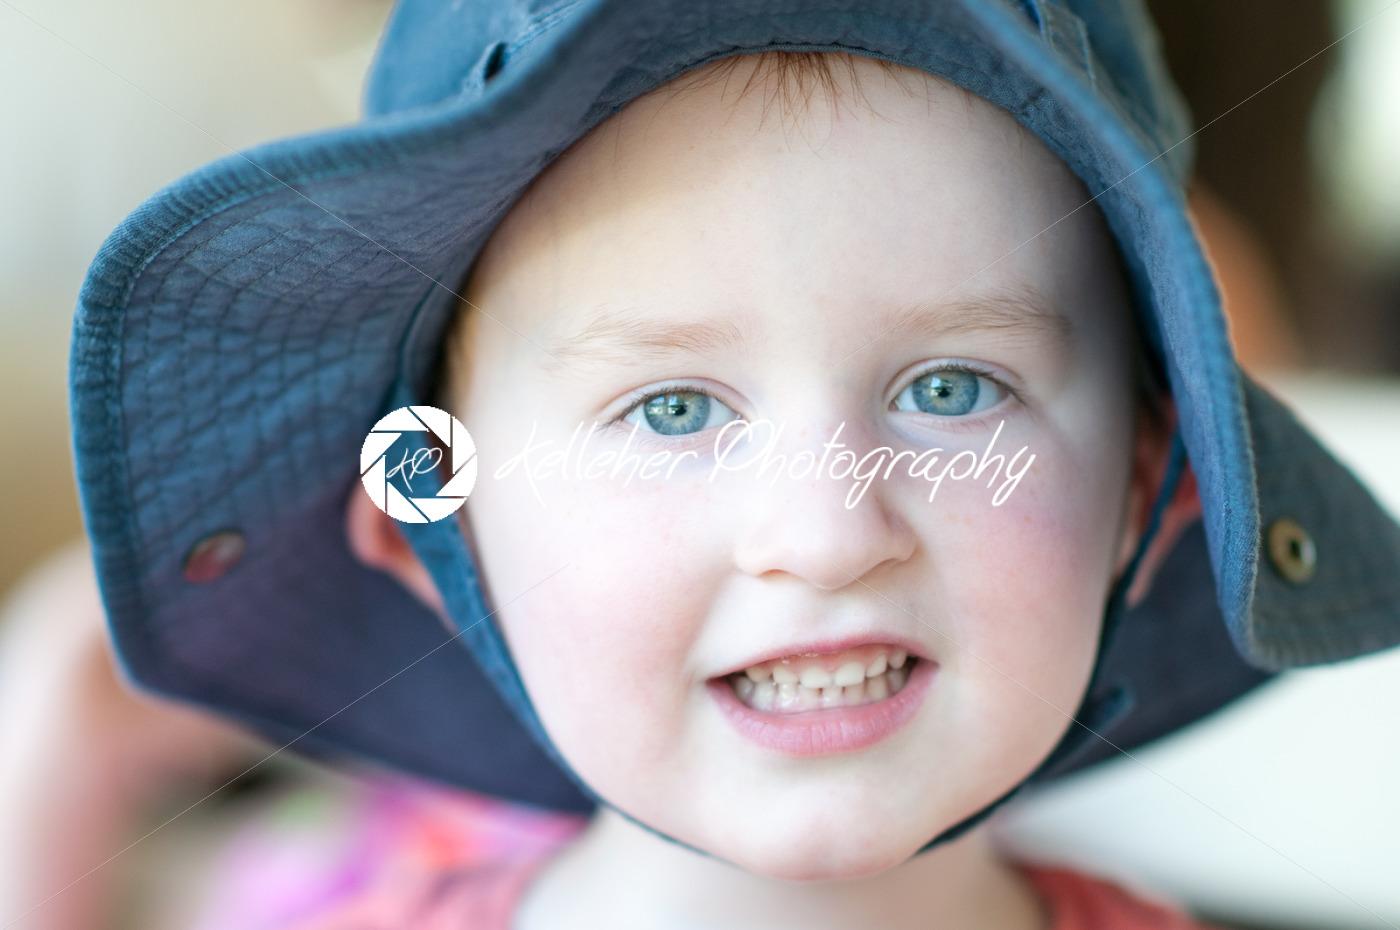 Cute boy wearing a hat outside - Kelleher Photography Store